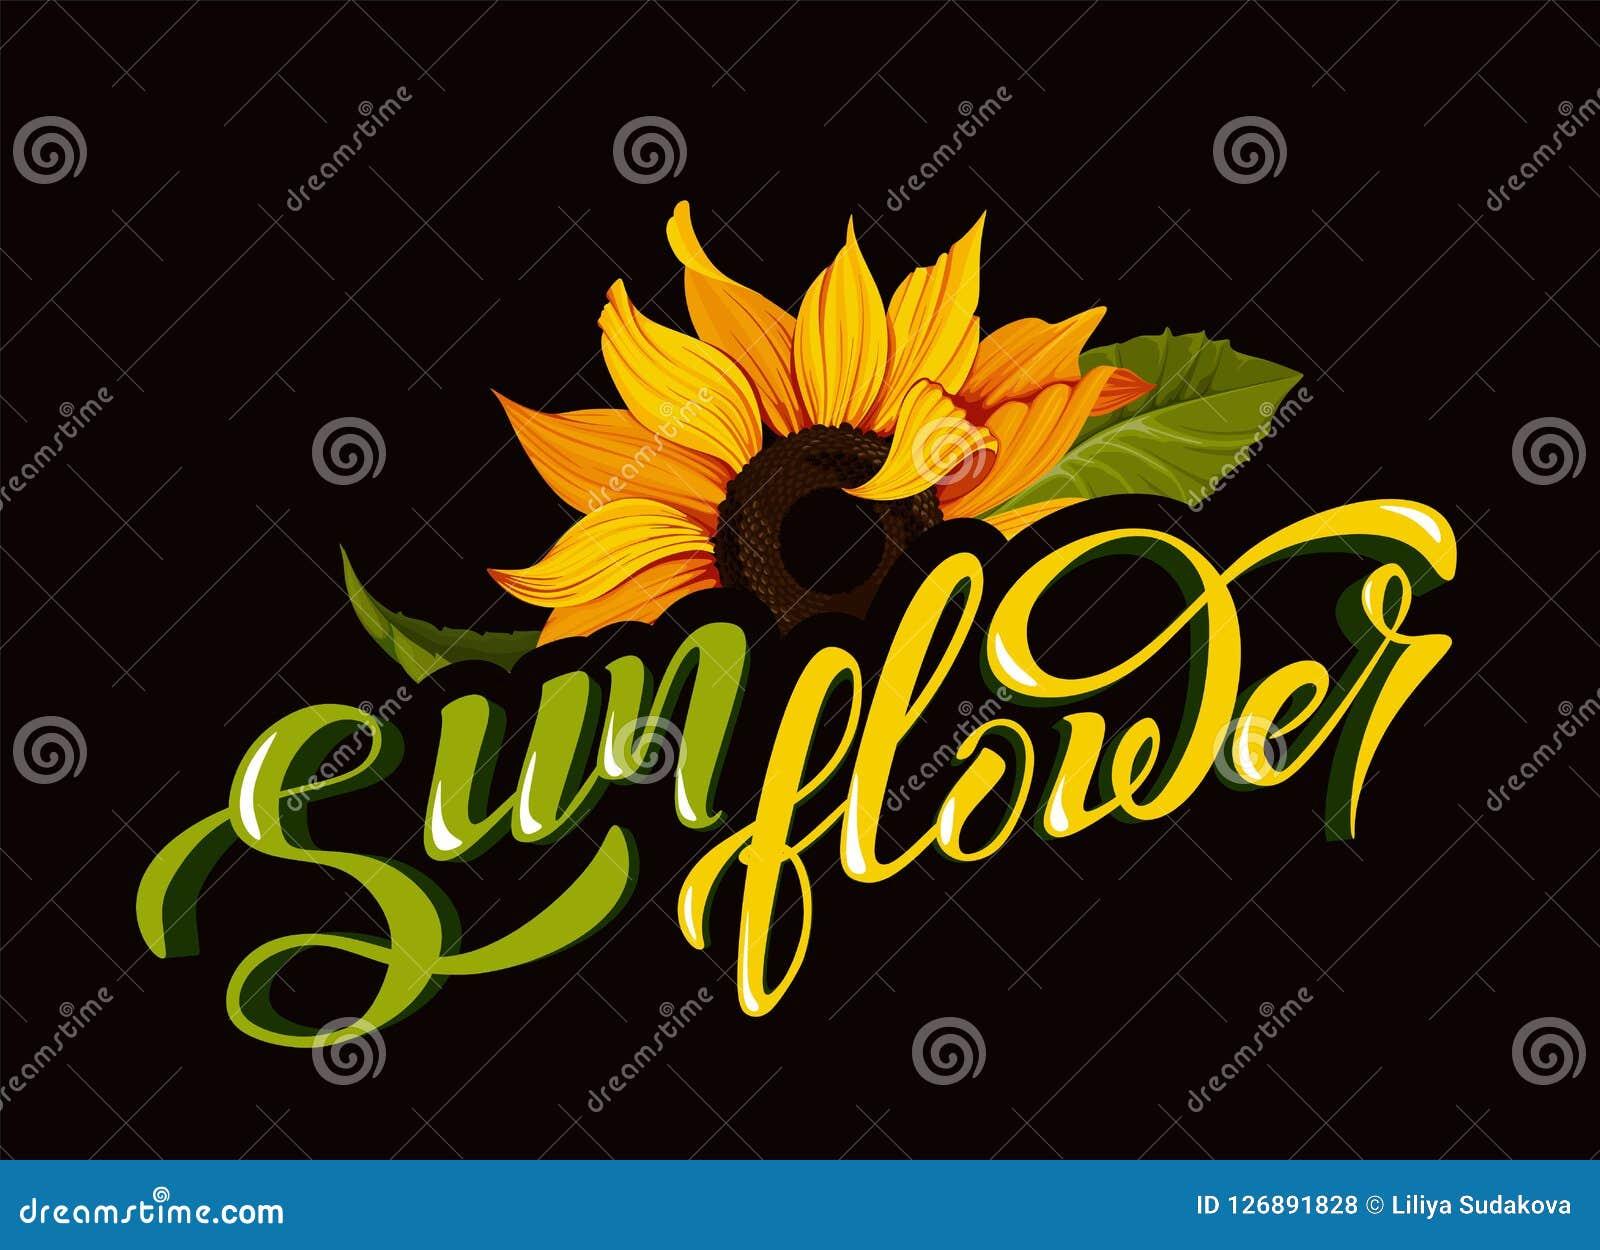 Clipart di vettore del girasole con l illustrazione di botanica di autunno di giallo di nome del fiore di calligrafia del segno d